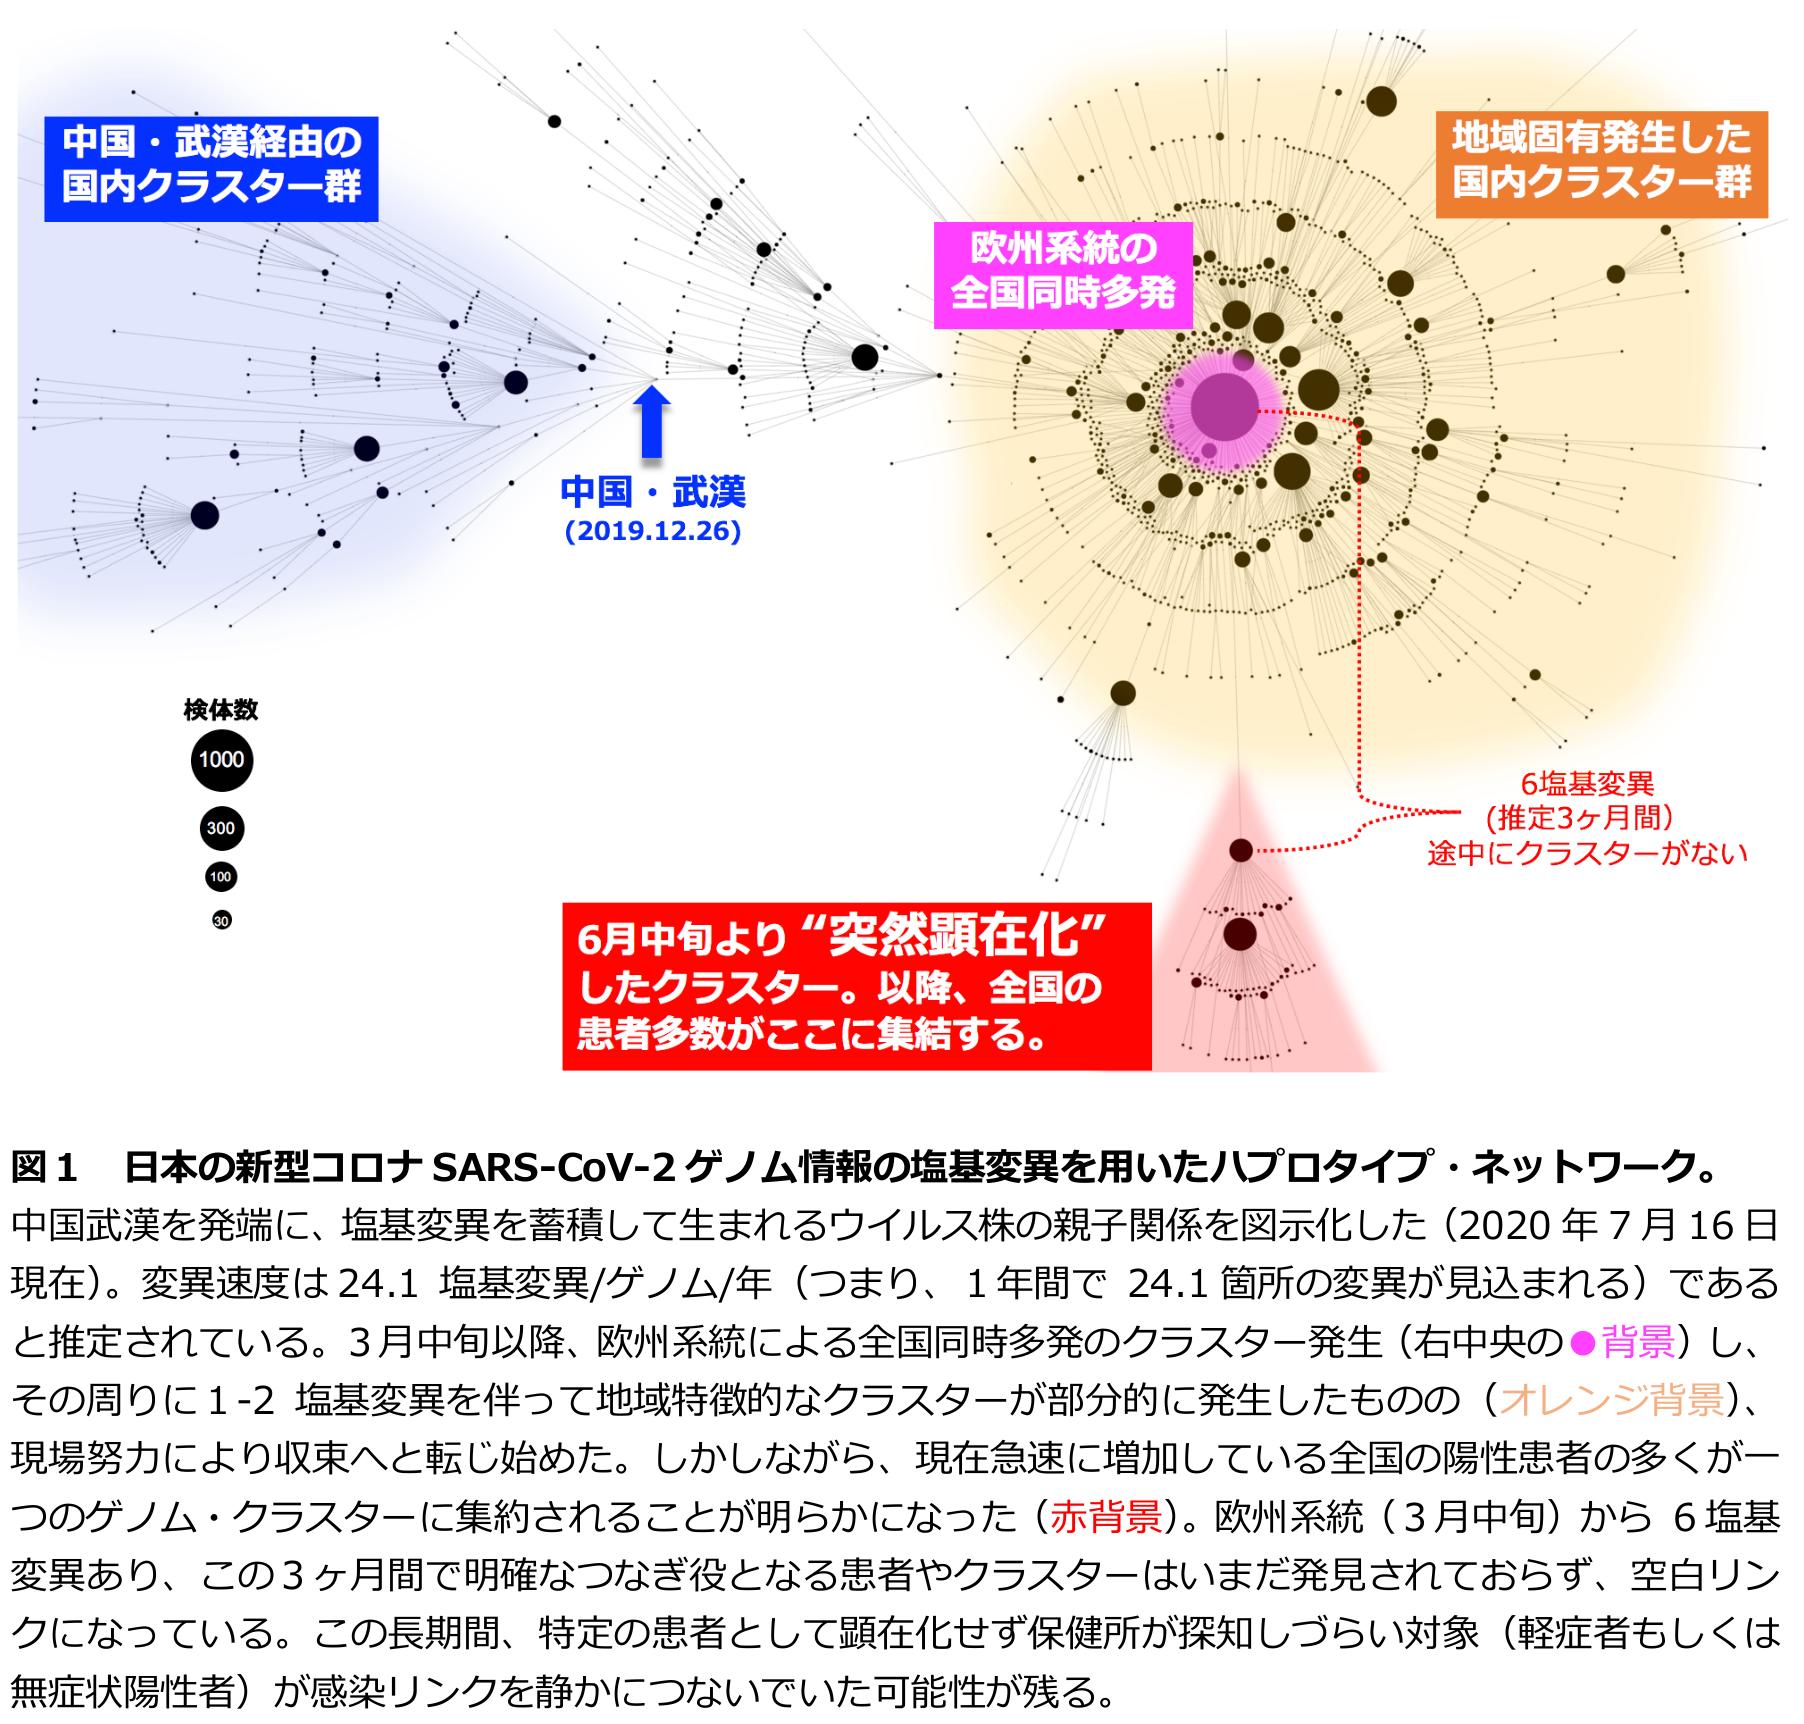 【悲報】新たなタイプの遺伝子配列のコロナ、6月に突然出現 東京から全国に感染拡大が判明